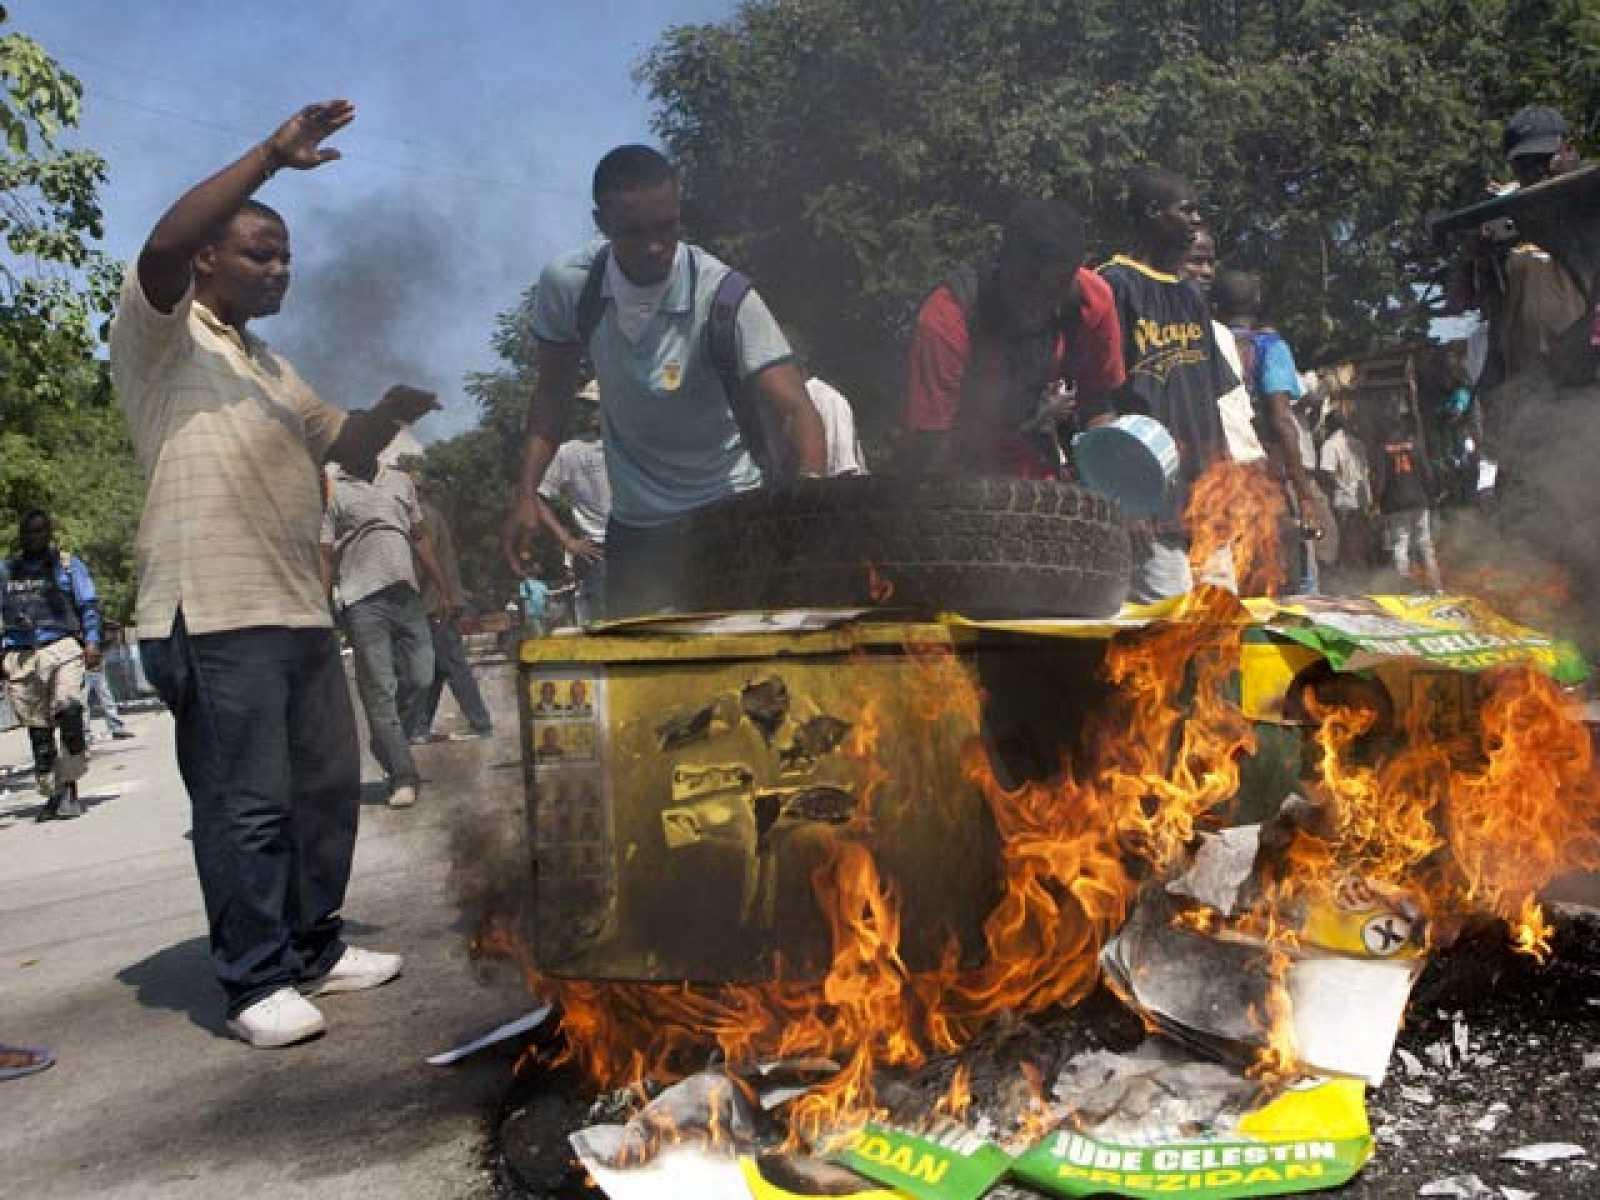 Las protestas contra los cascos azules llegan a la capital de Haití